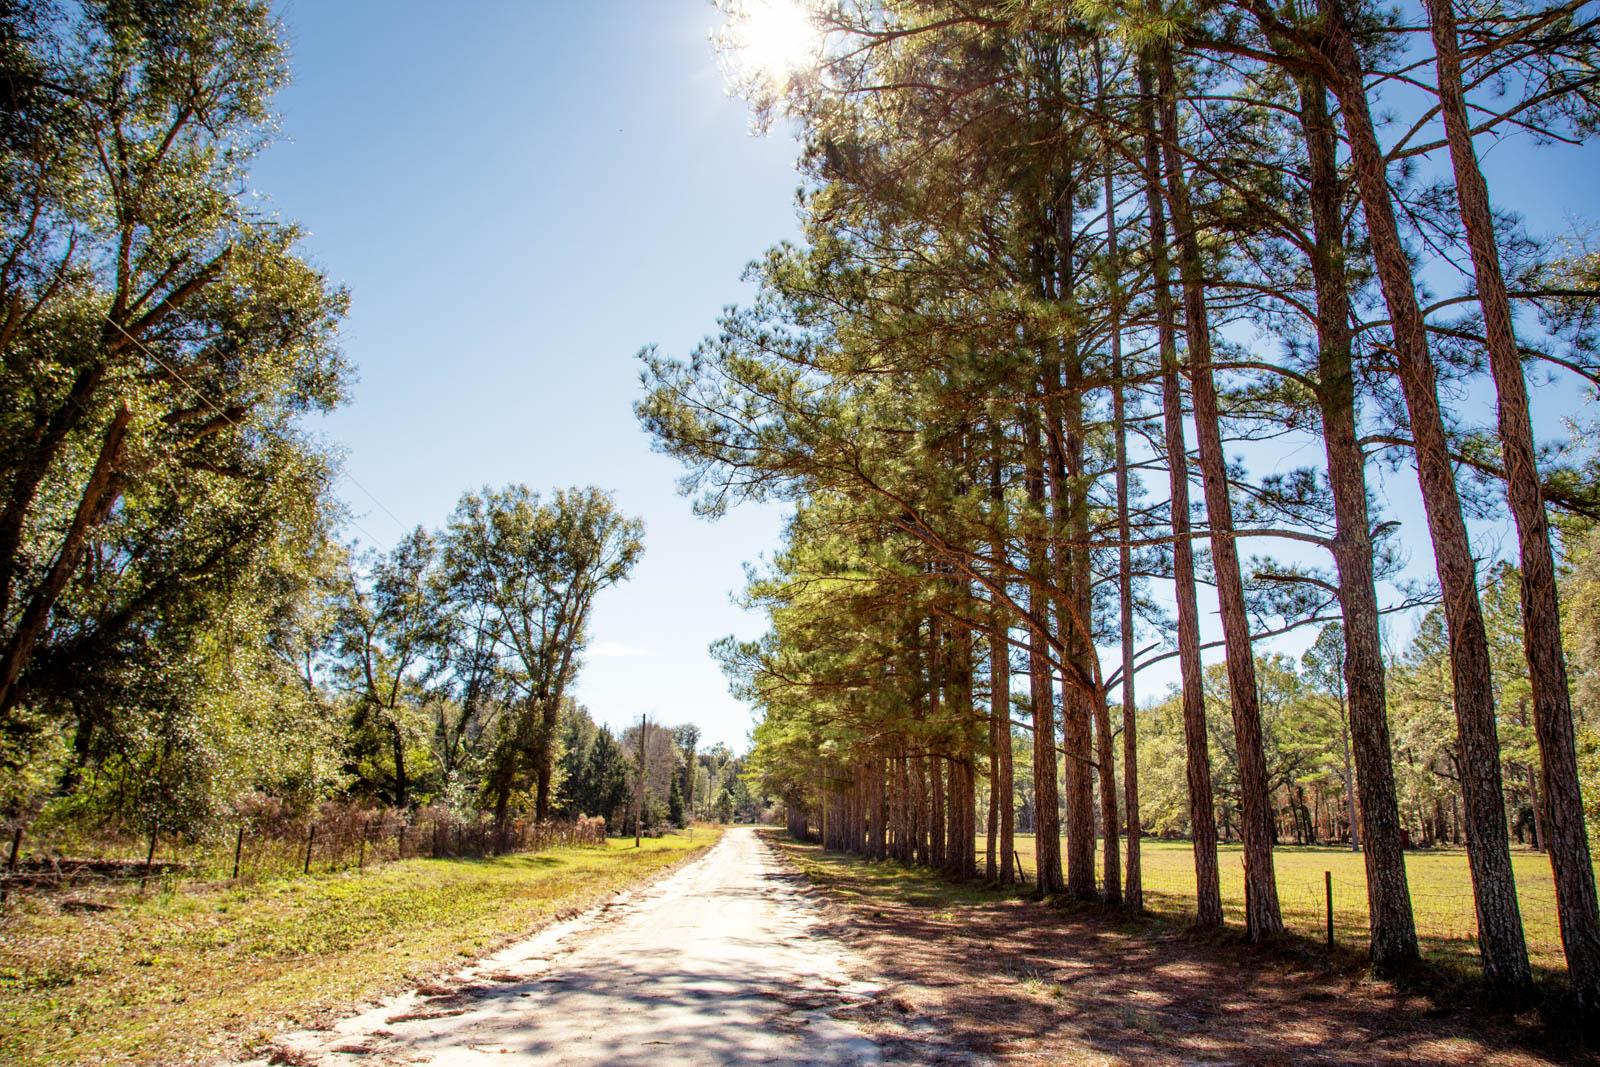 5 Acres in Live Oak, FL (Suwannee County)